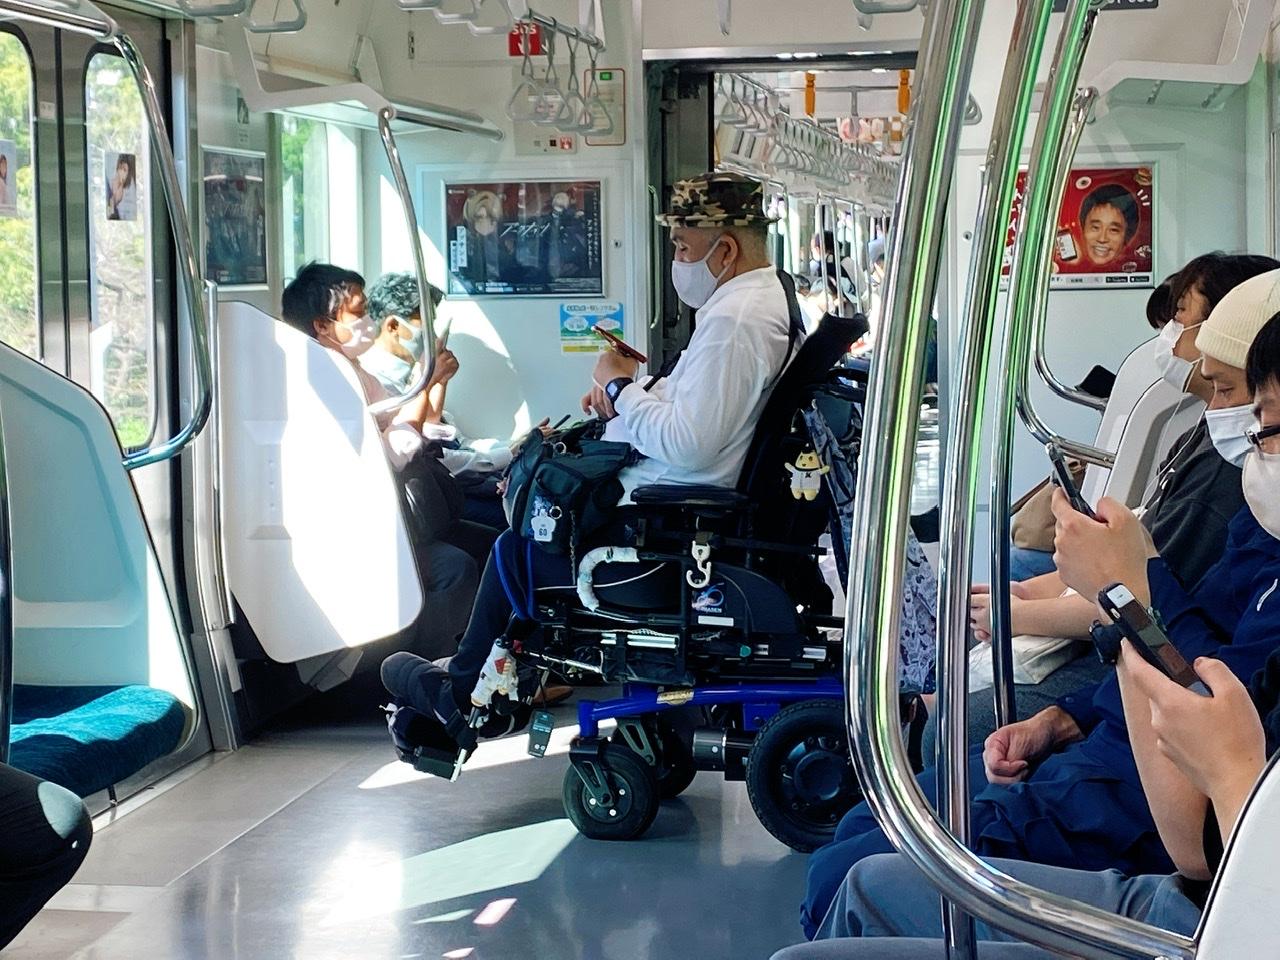 टोकियोमा ५२२ सहित जापानमा एकैदिन २,४२५ जनामा कोरोना संक्रमण, सबै प्रिफेक्चरको तथ्यांक सहित